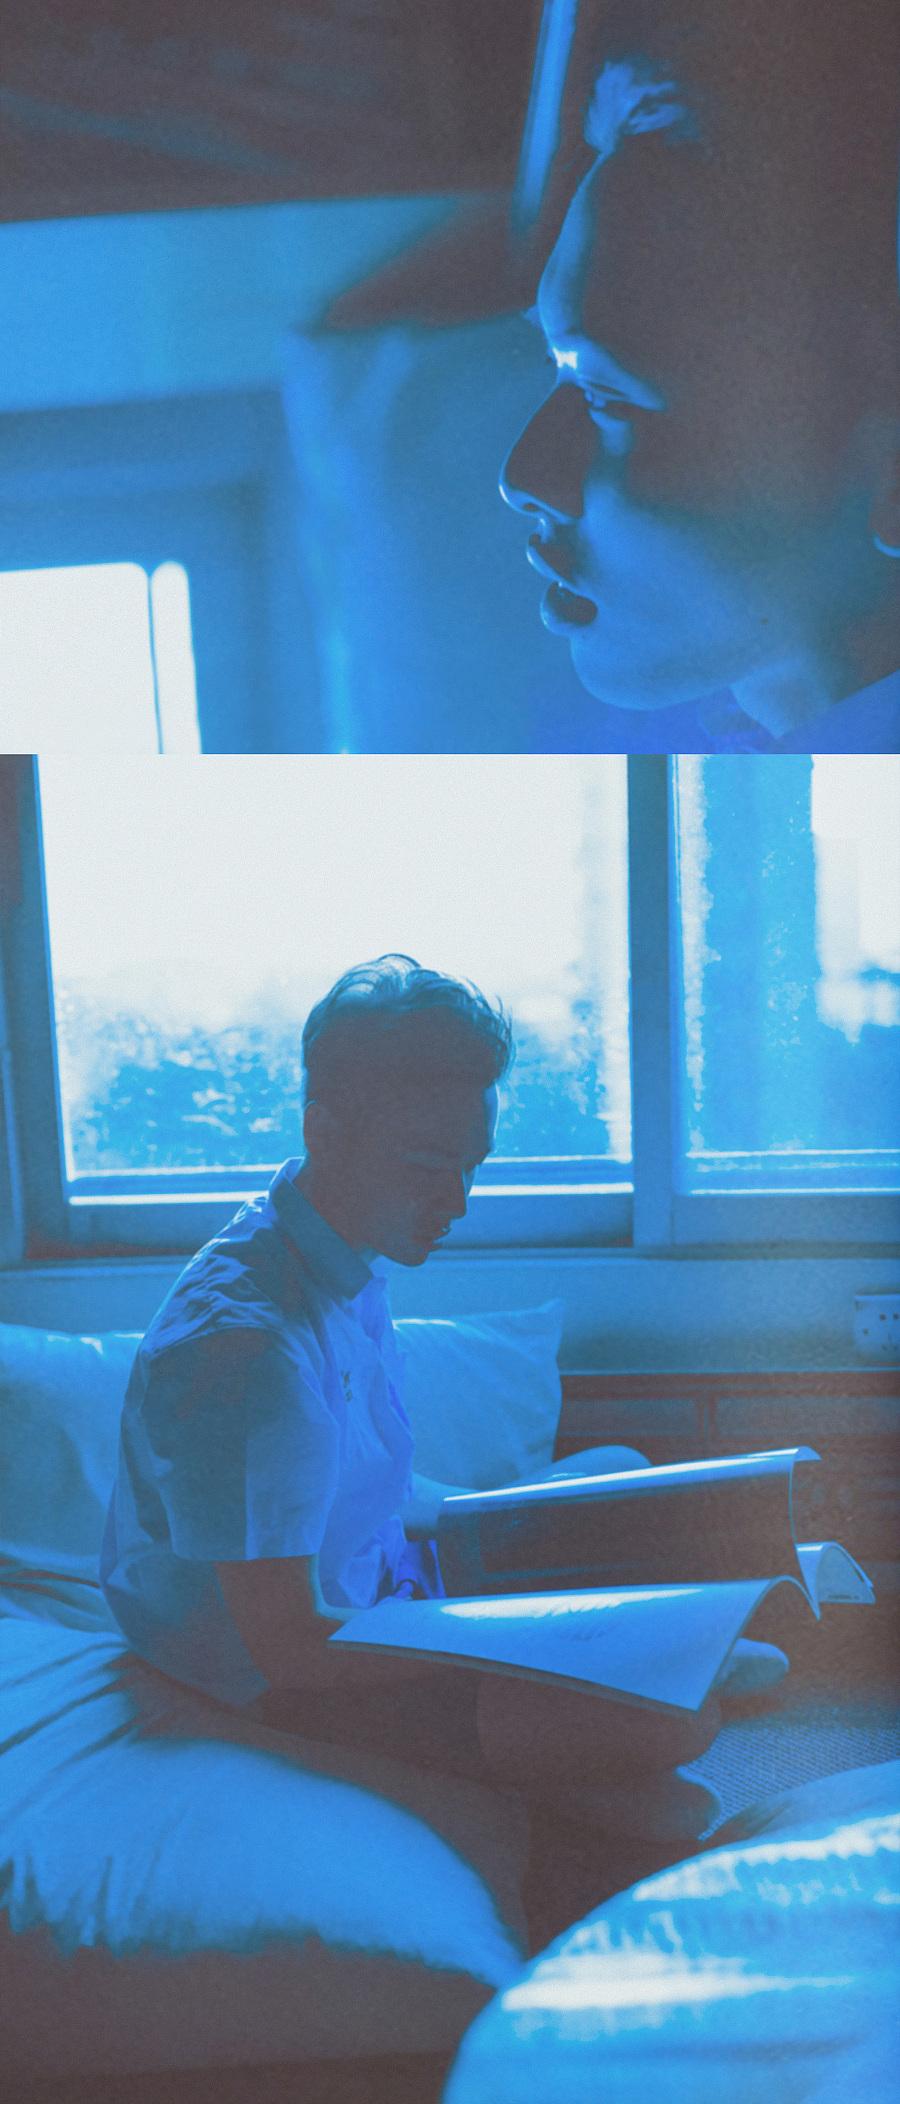 查看《NANTAI BLUE 南泰蓝》原图,原图尺寸:1600x3741